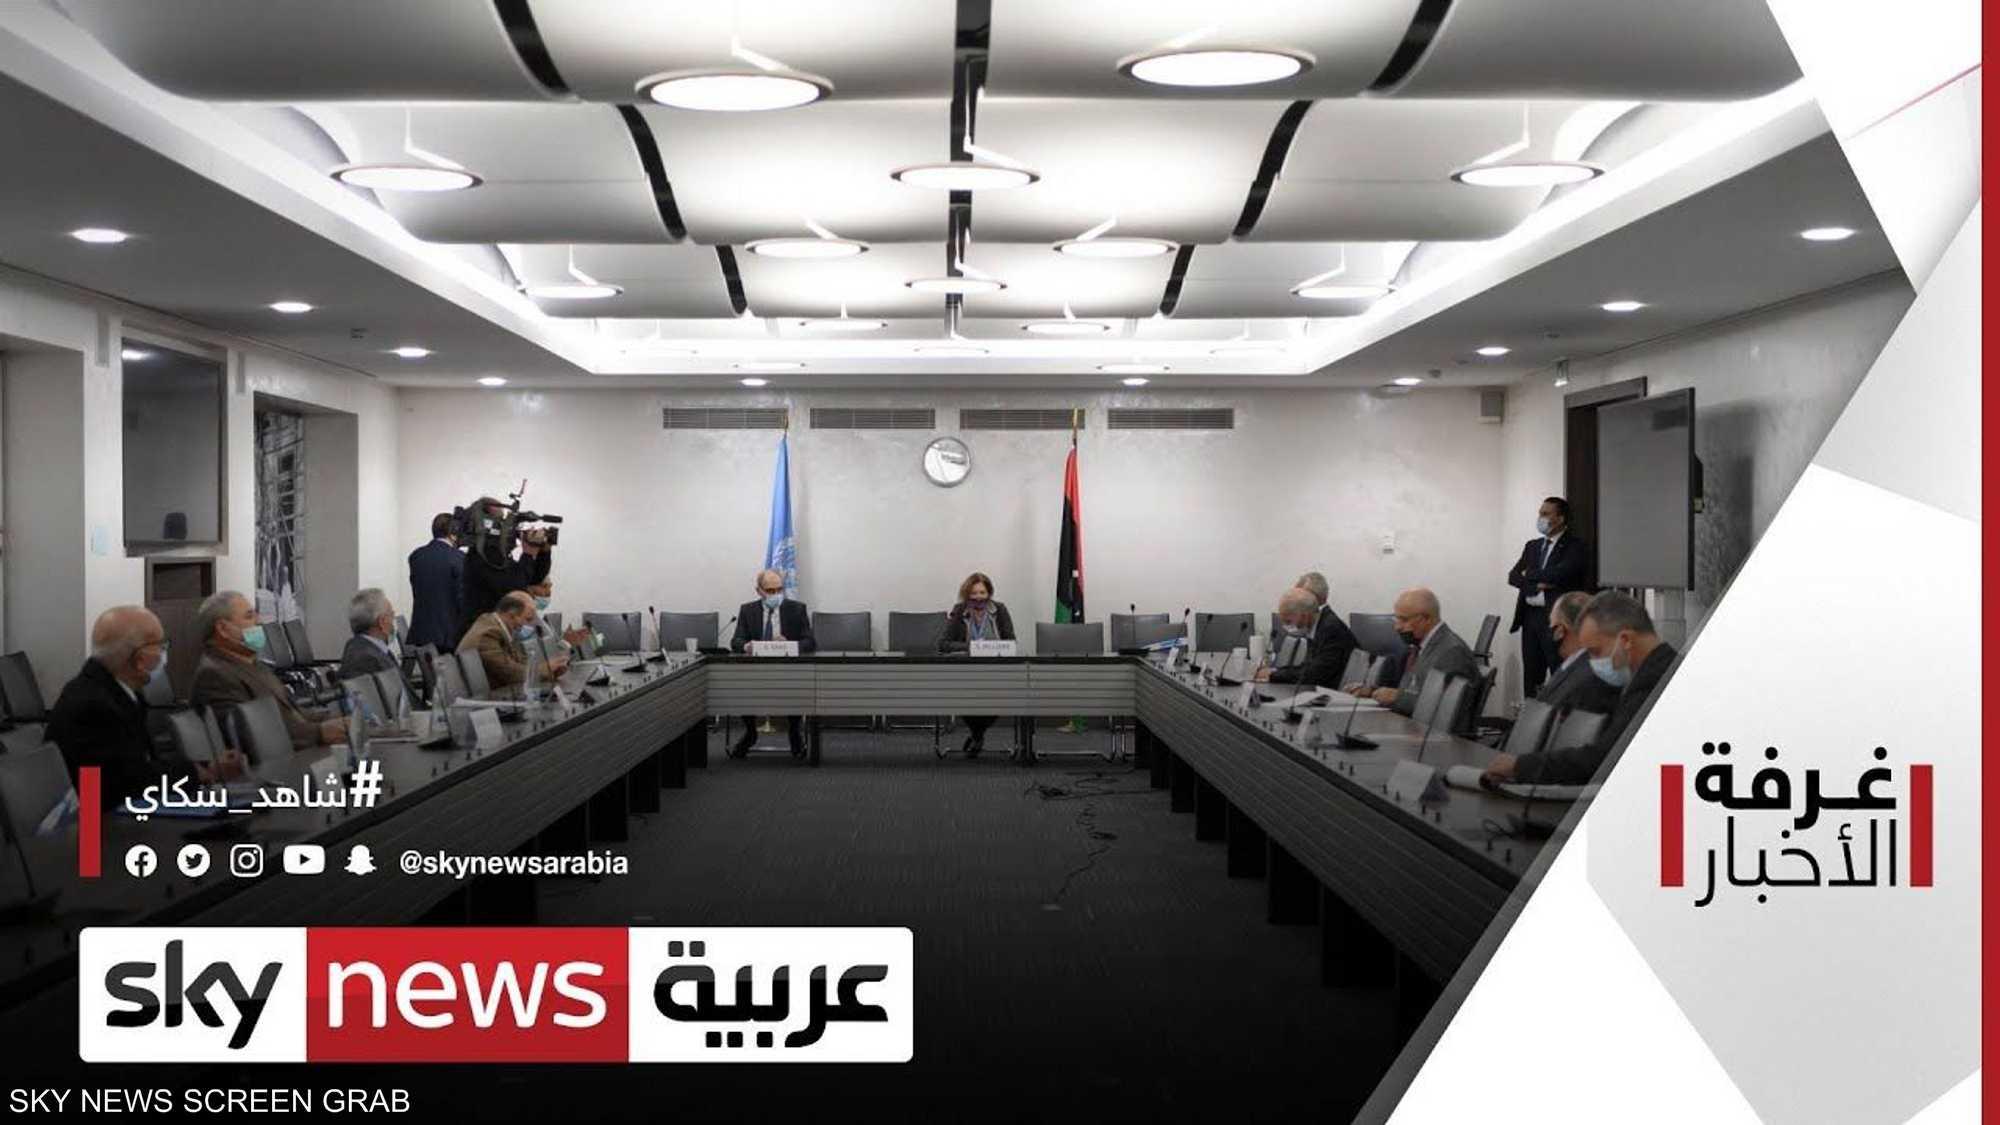 الملتقى السياسي الليبي.. عقبات وآمال